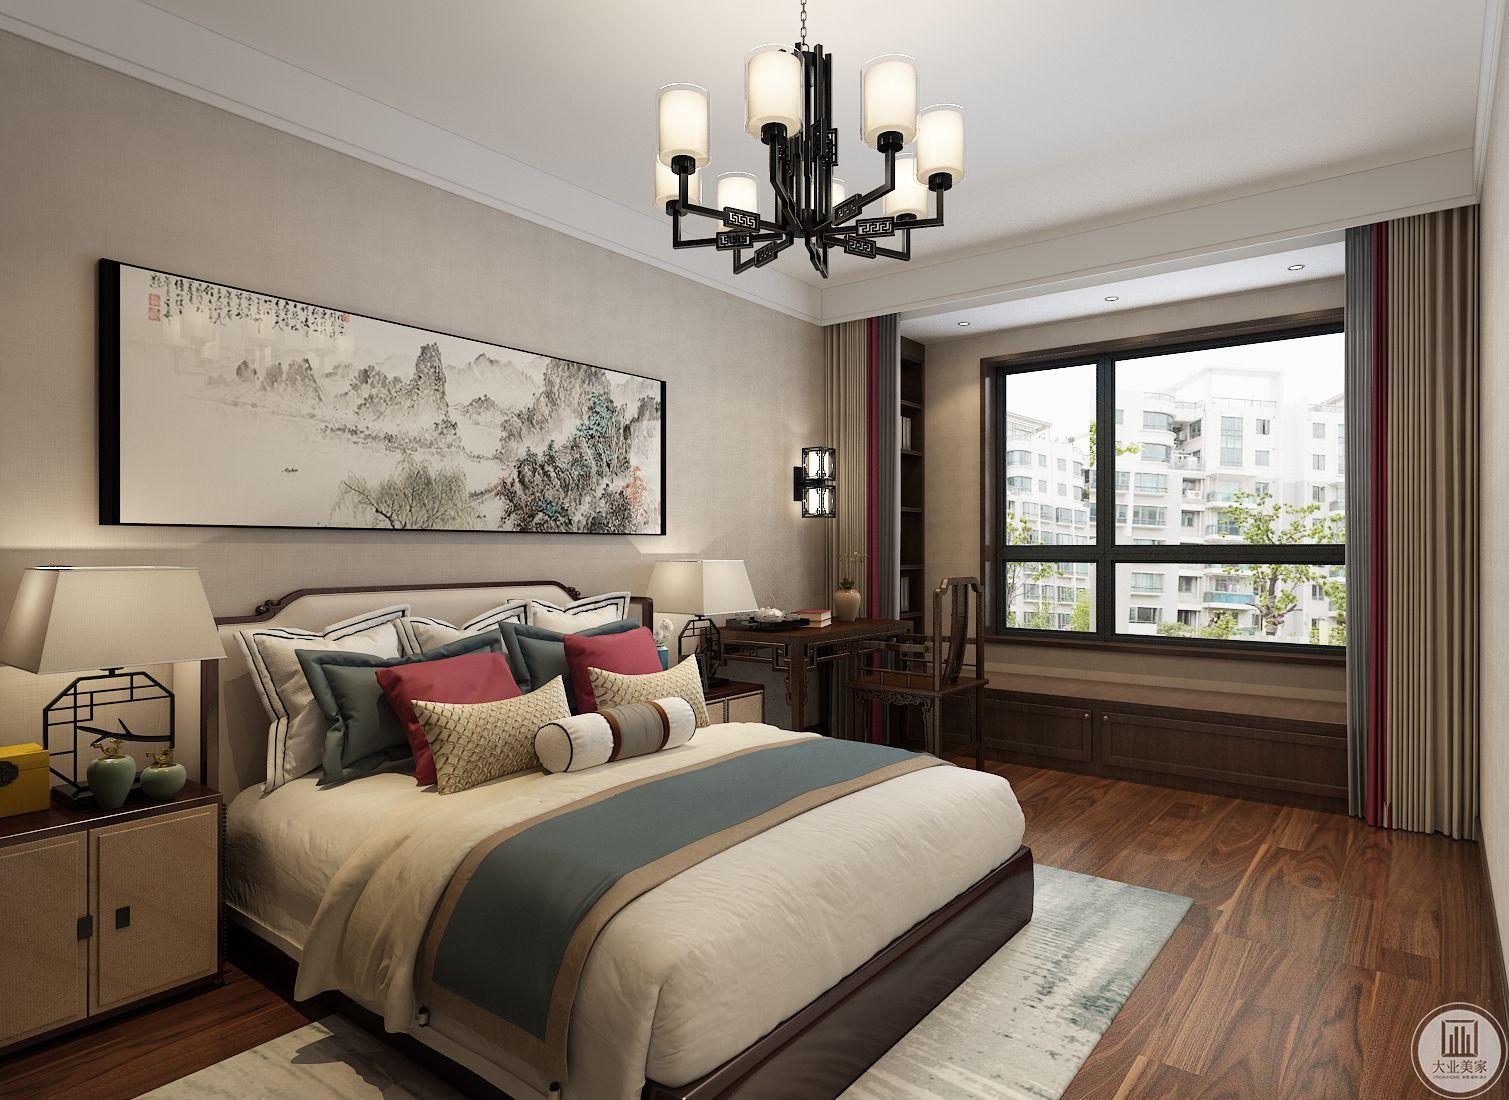 卧室装修效果图:靠窗一侧做书柜书桌,搭配中式风格壁灯。